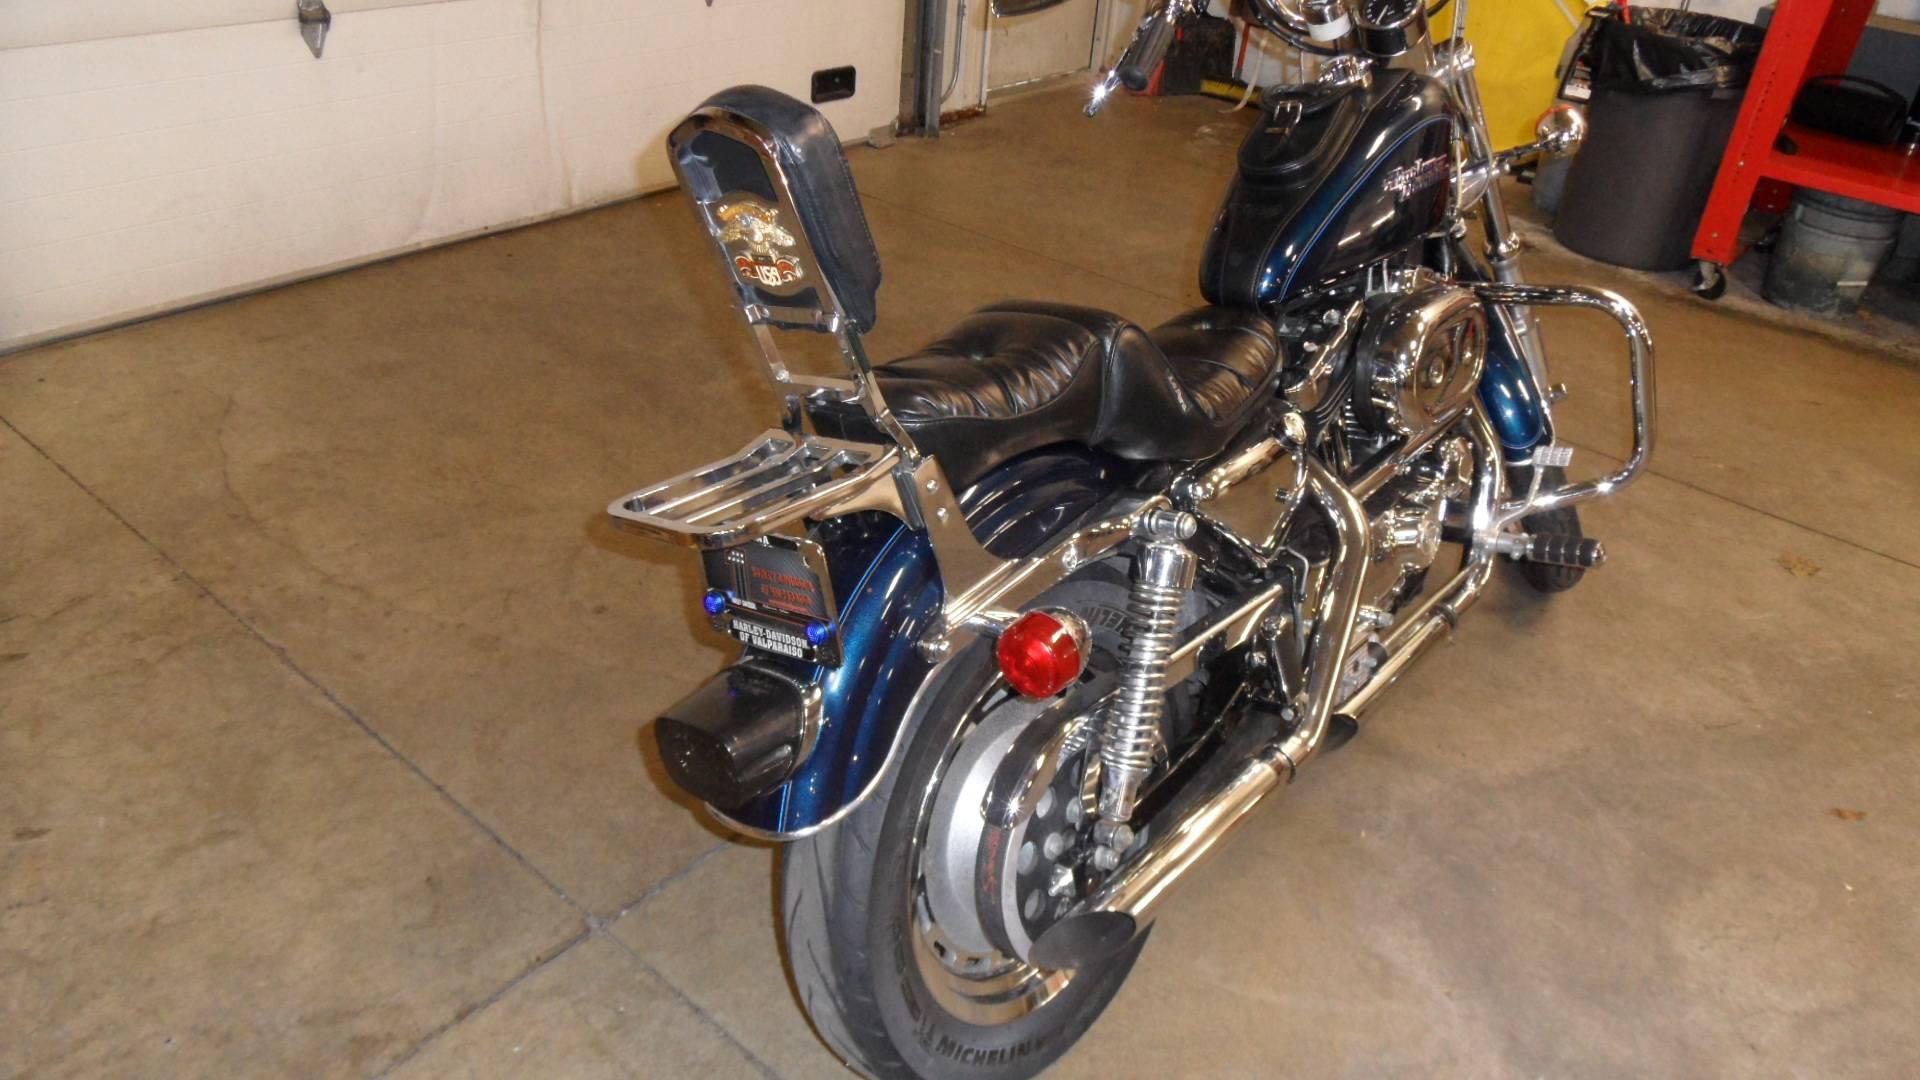 Used 2001 Harley Davidson Xl 1200c Sportster 1200 Custom Motorcycles In Valparaiso In 115382 Black